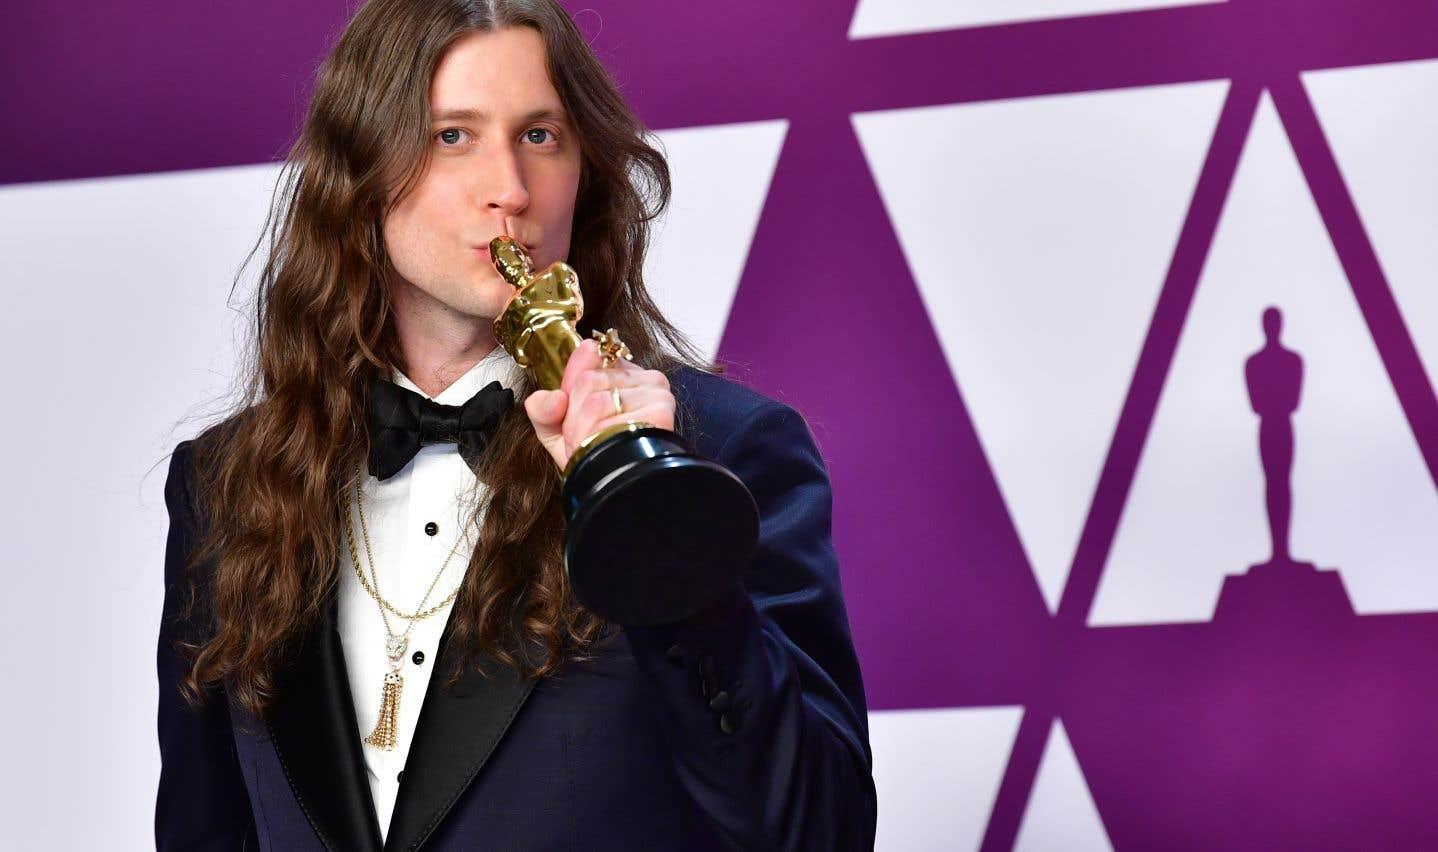 Le compositeurLudwig Goransson a remporté l'Oscar de la meilleure bande sonore originale pour le film «Black Panther».